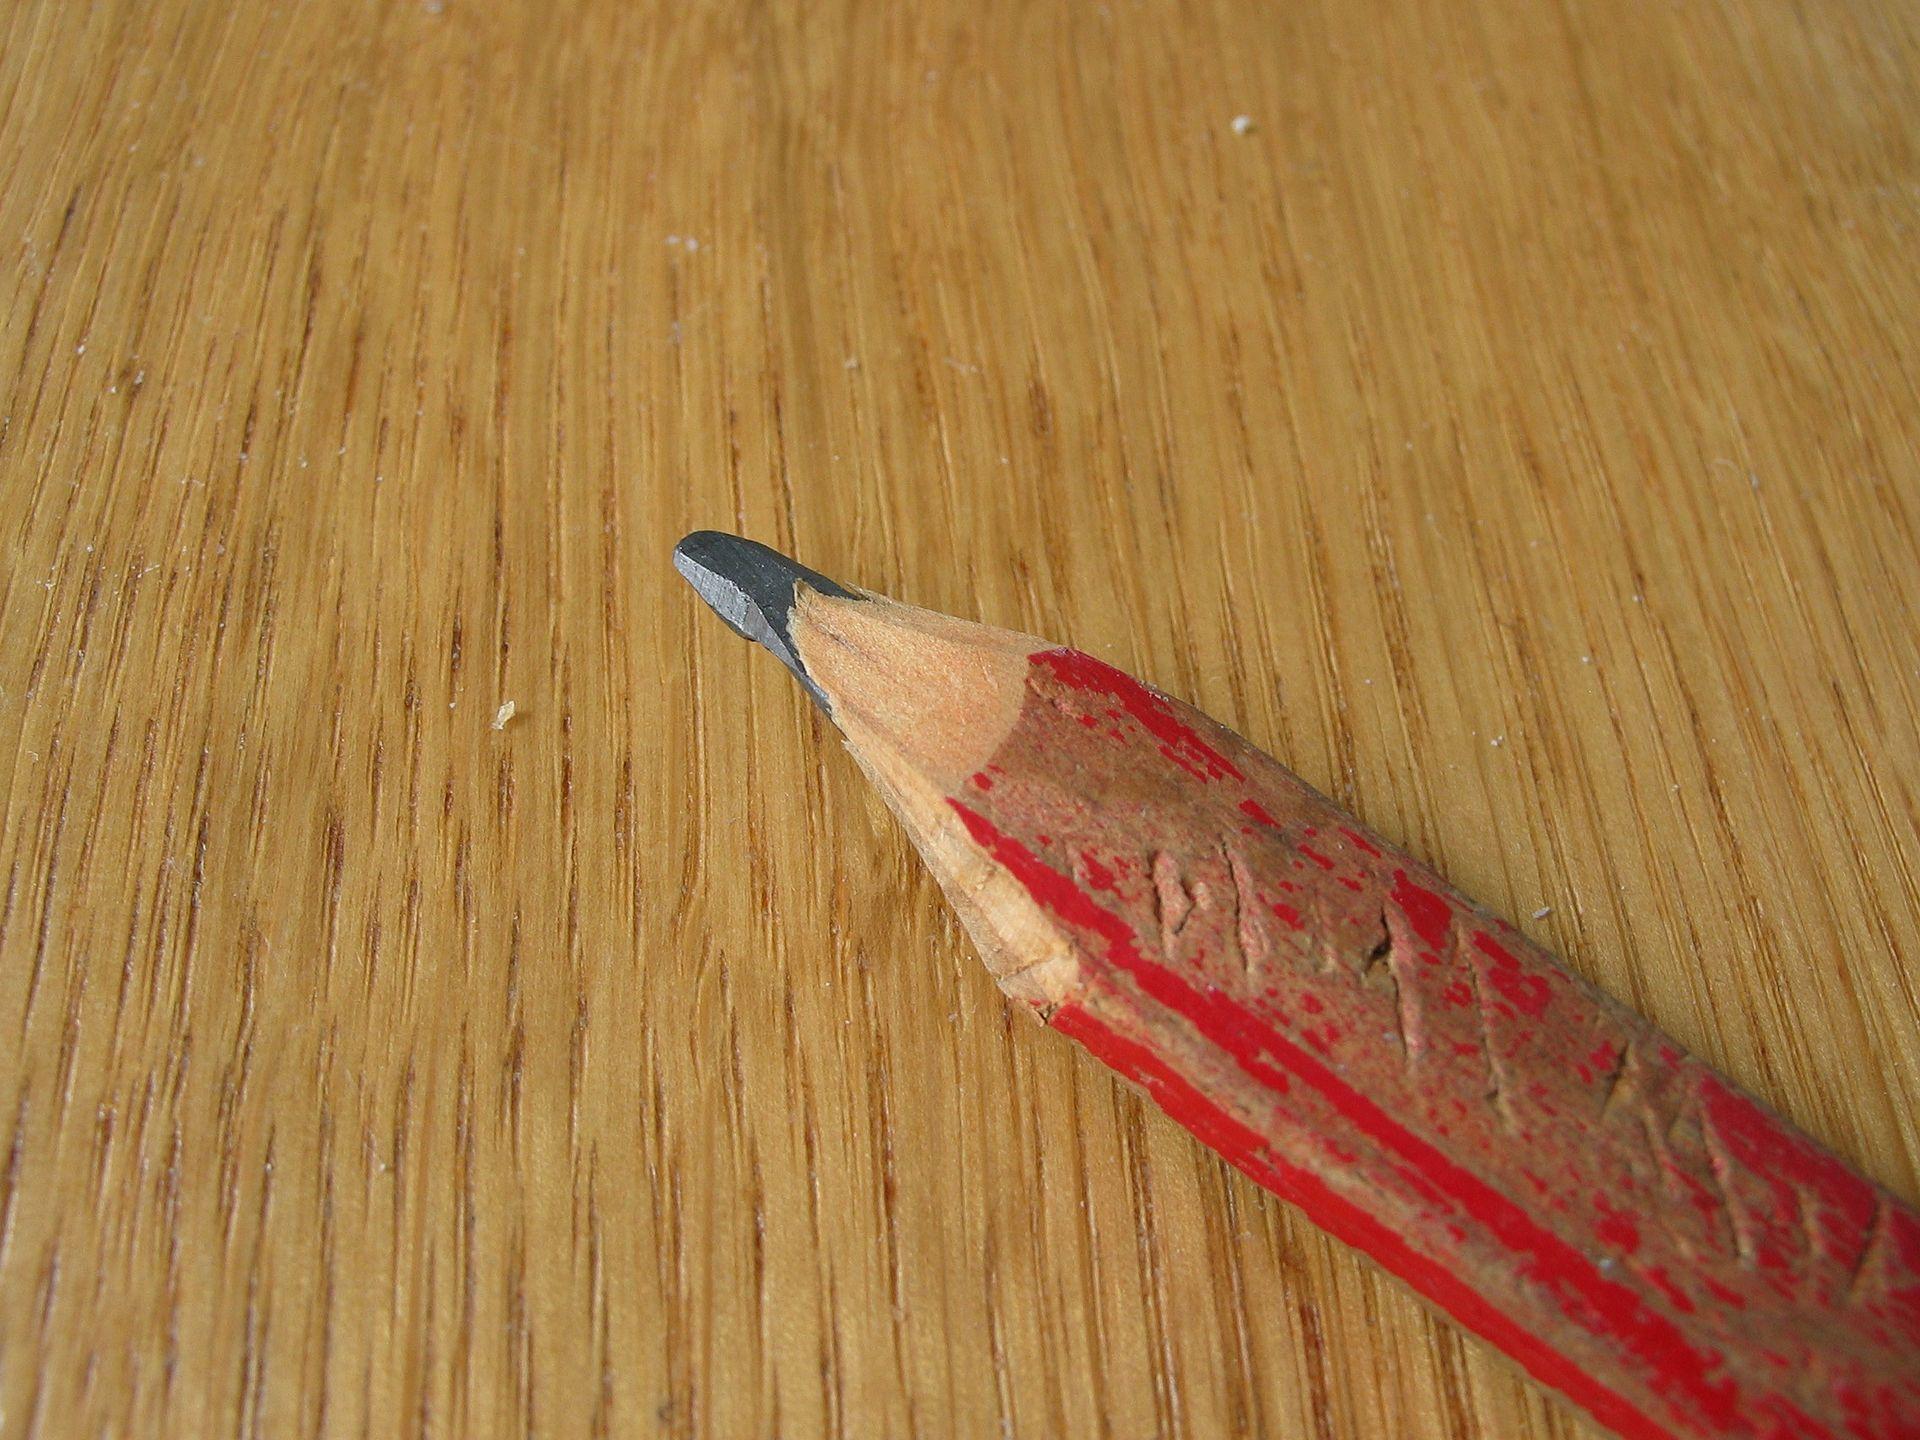 red carpenter's pencil